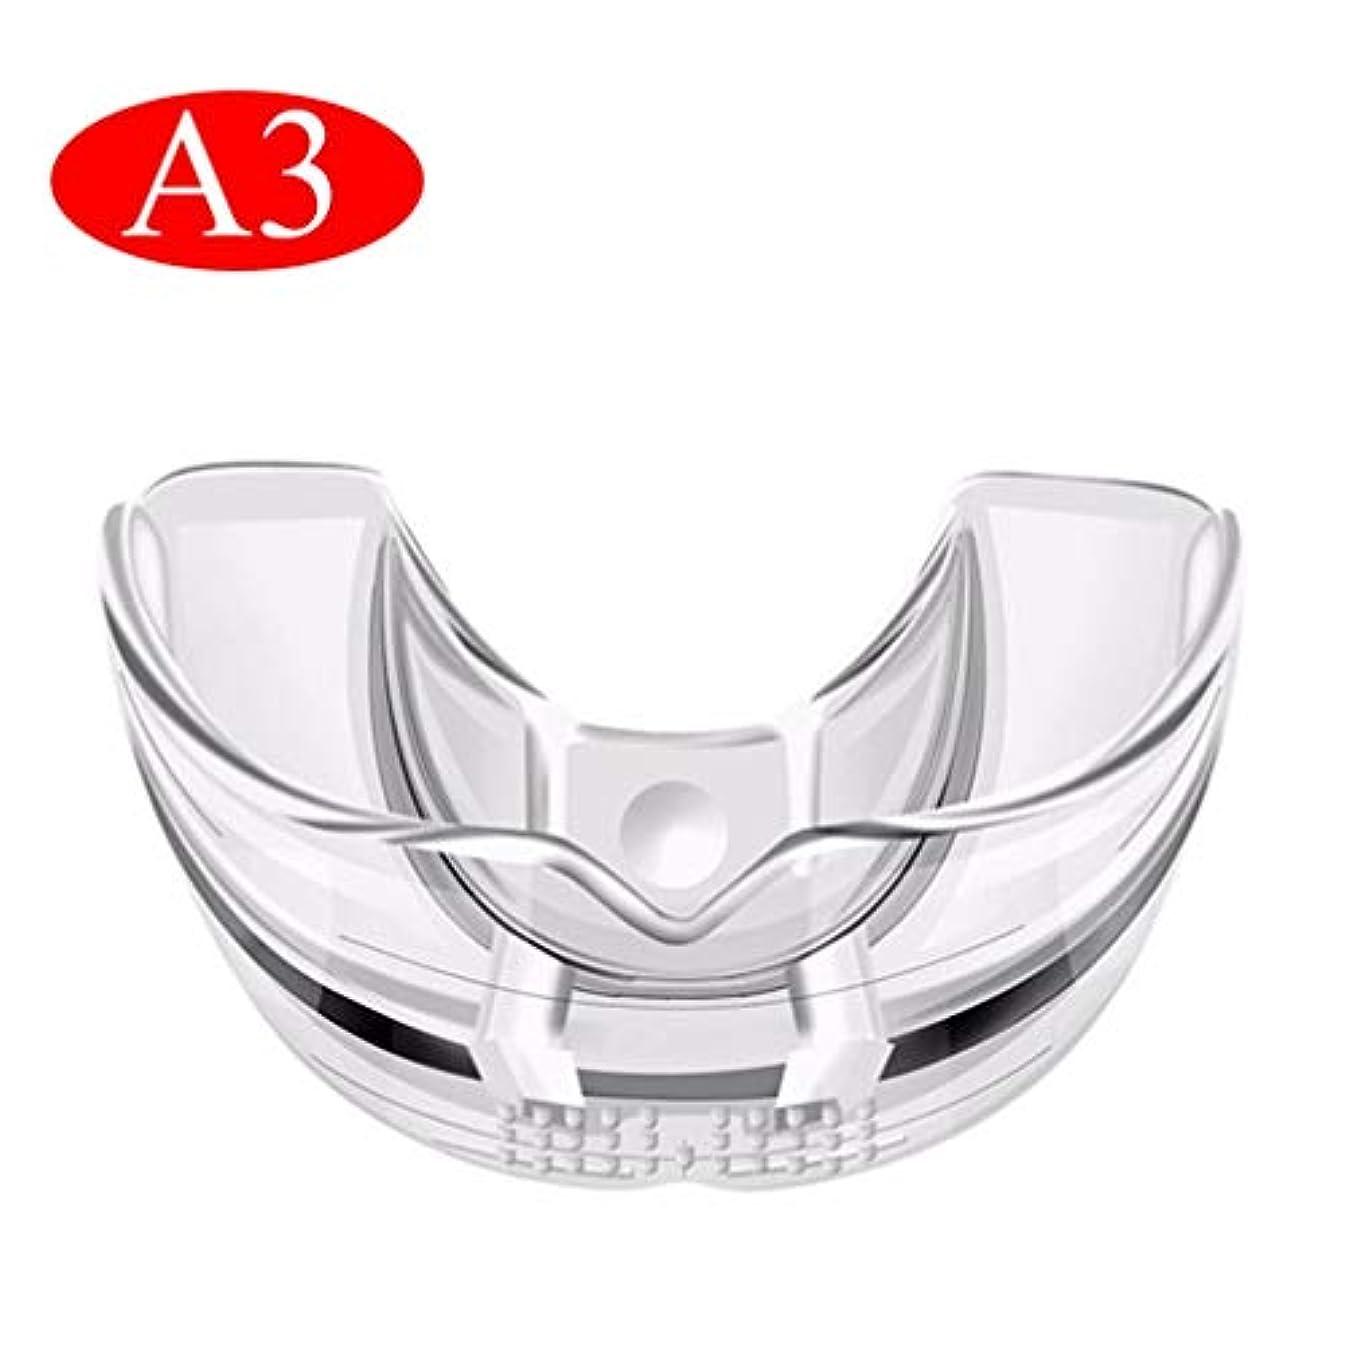 ペインギリックリアル致死歯列矯正 マウスピース, マウスピース/歯 矯正,矯正 歯/歯科矯正 目に見えない矯正トレーナー歯科用歯は、アタッチメントのアライメントのためのツールの使用を回避します(3つのステージはオプションです)